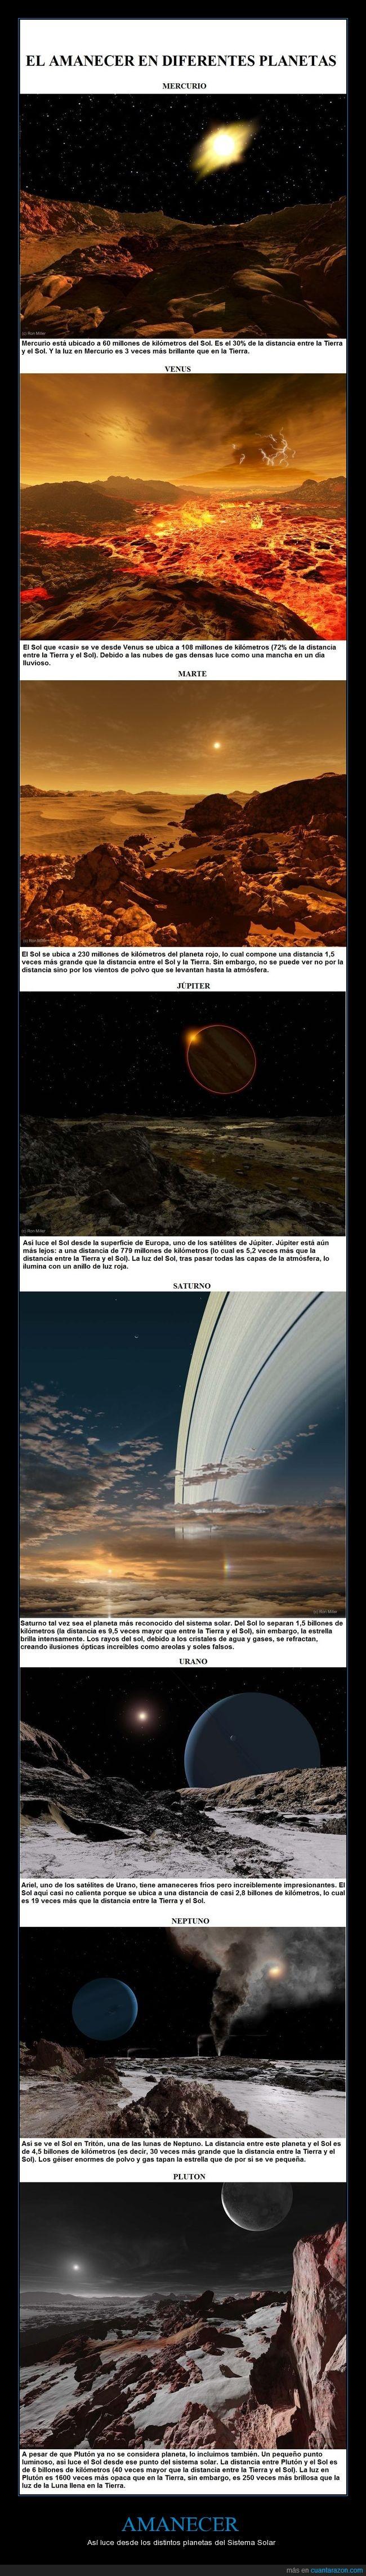 amanecer,digital,ilustración,Ron Miller,sistema solar,sol